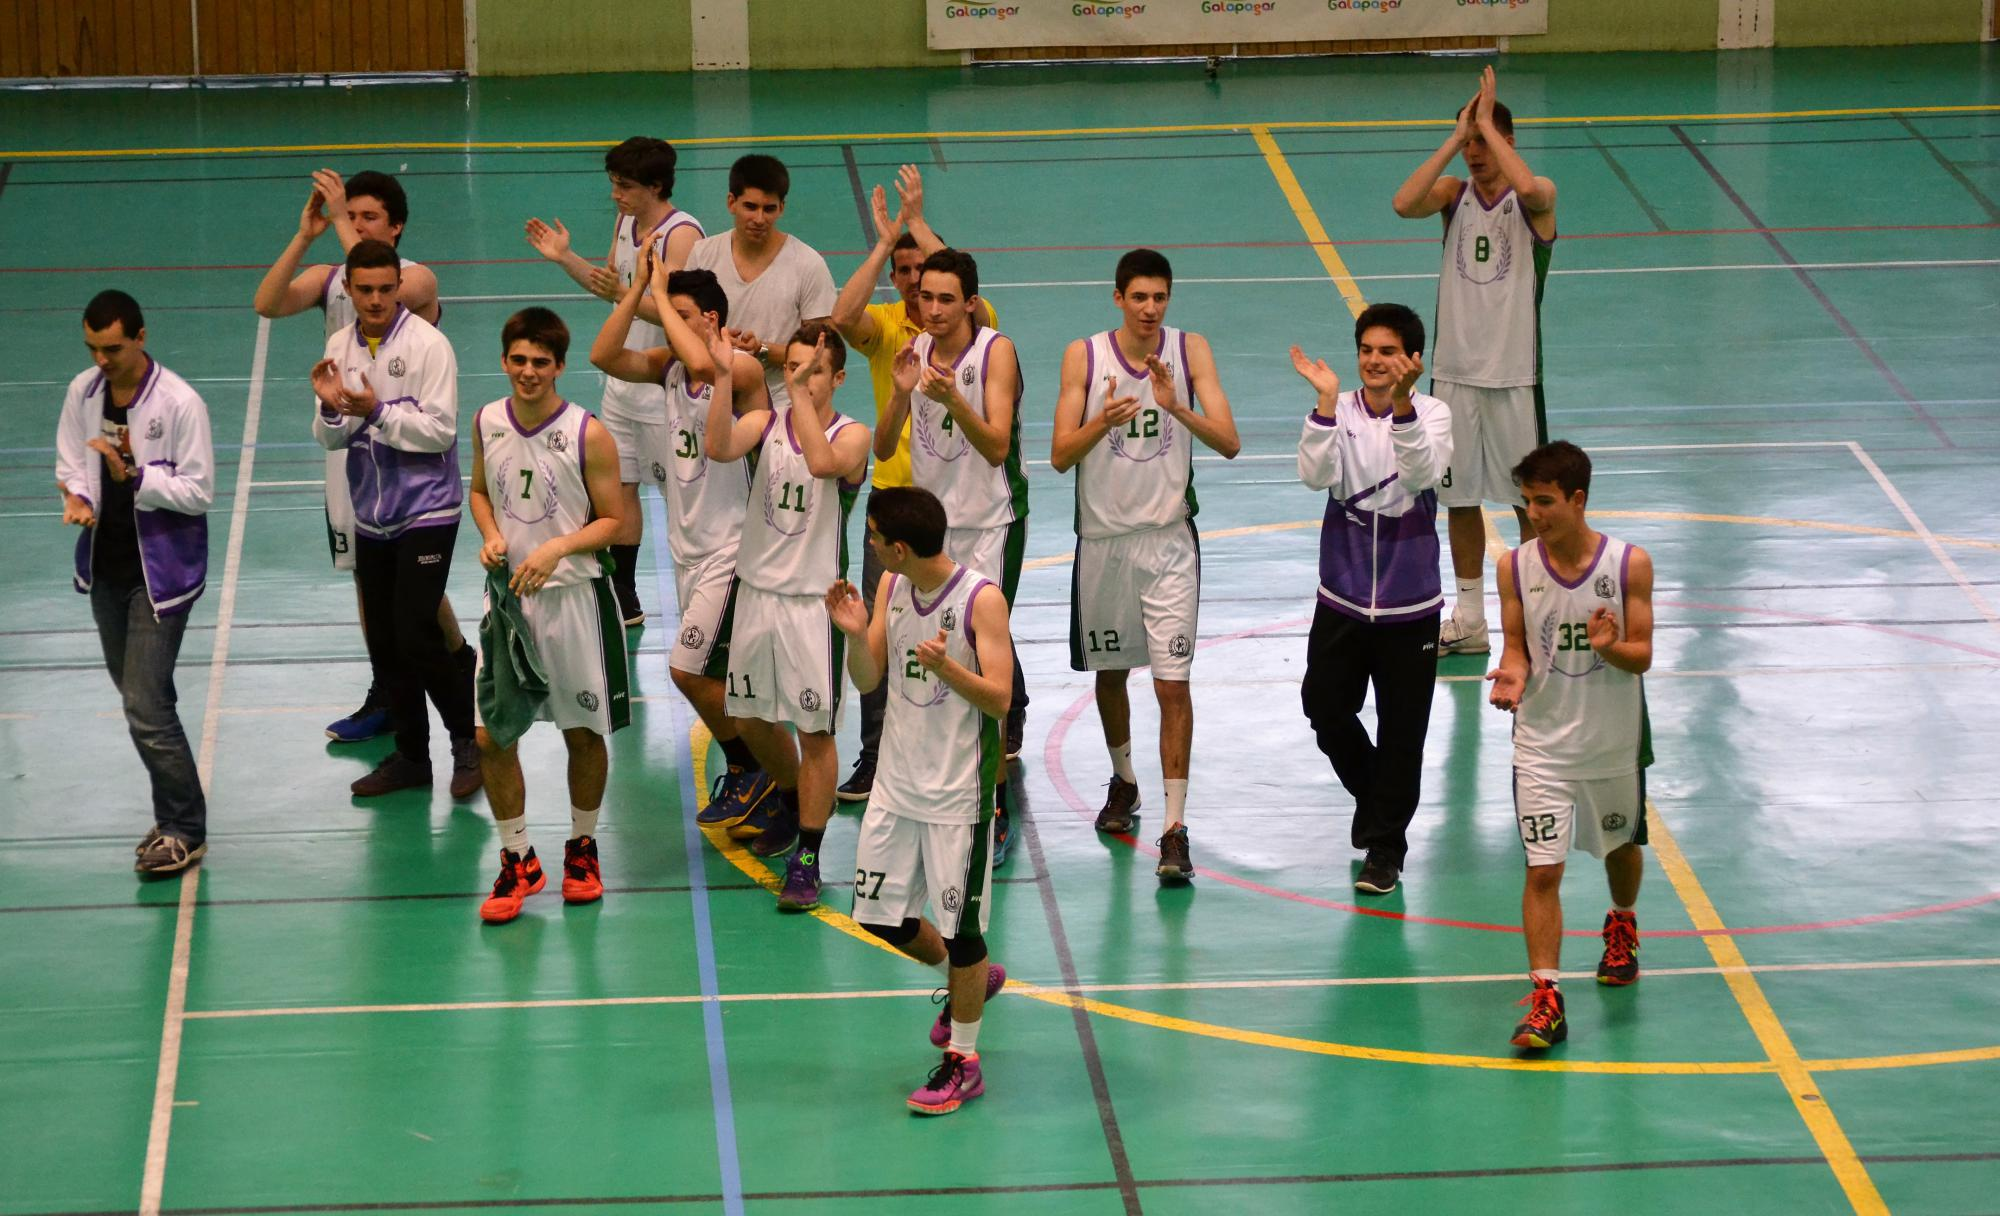 En Torrelodones, partidazo de Liga de baloncesto en el María de Villota